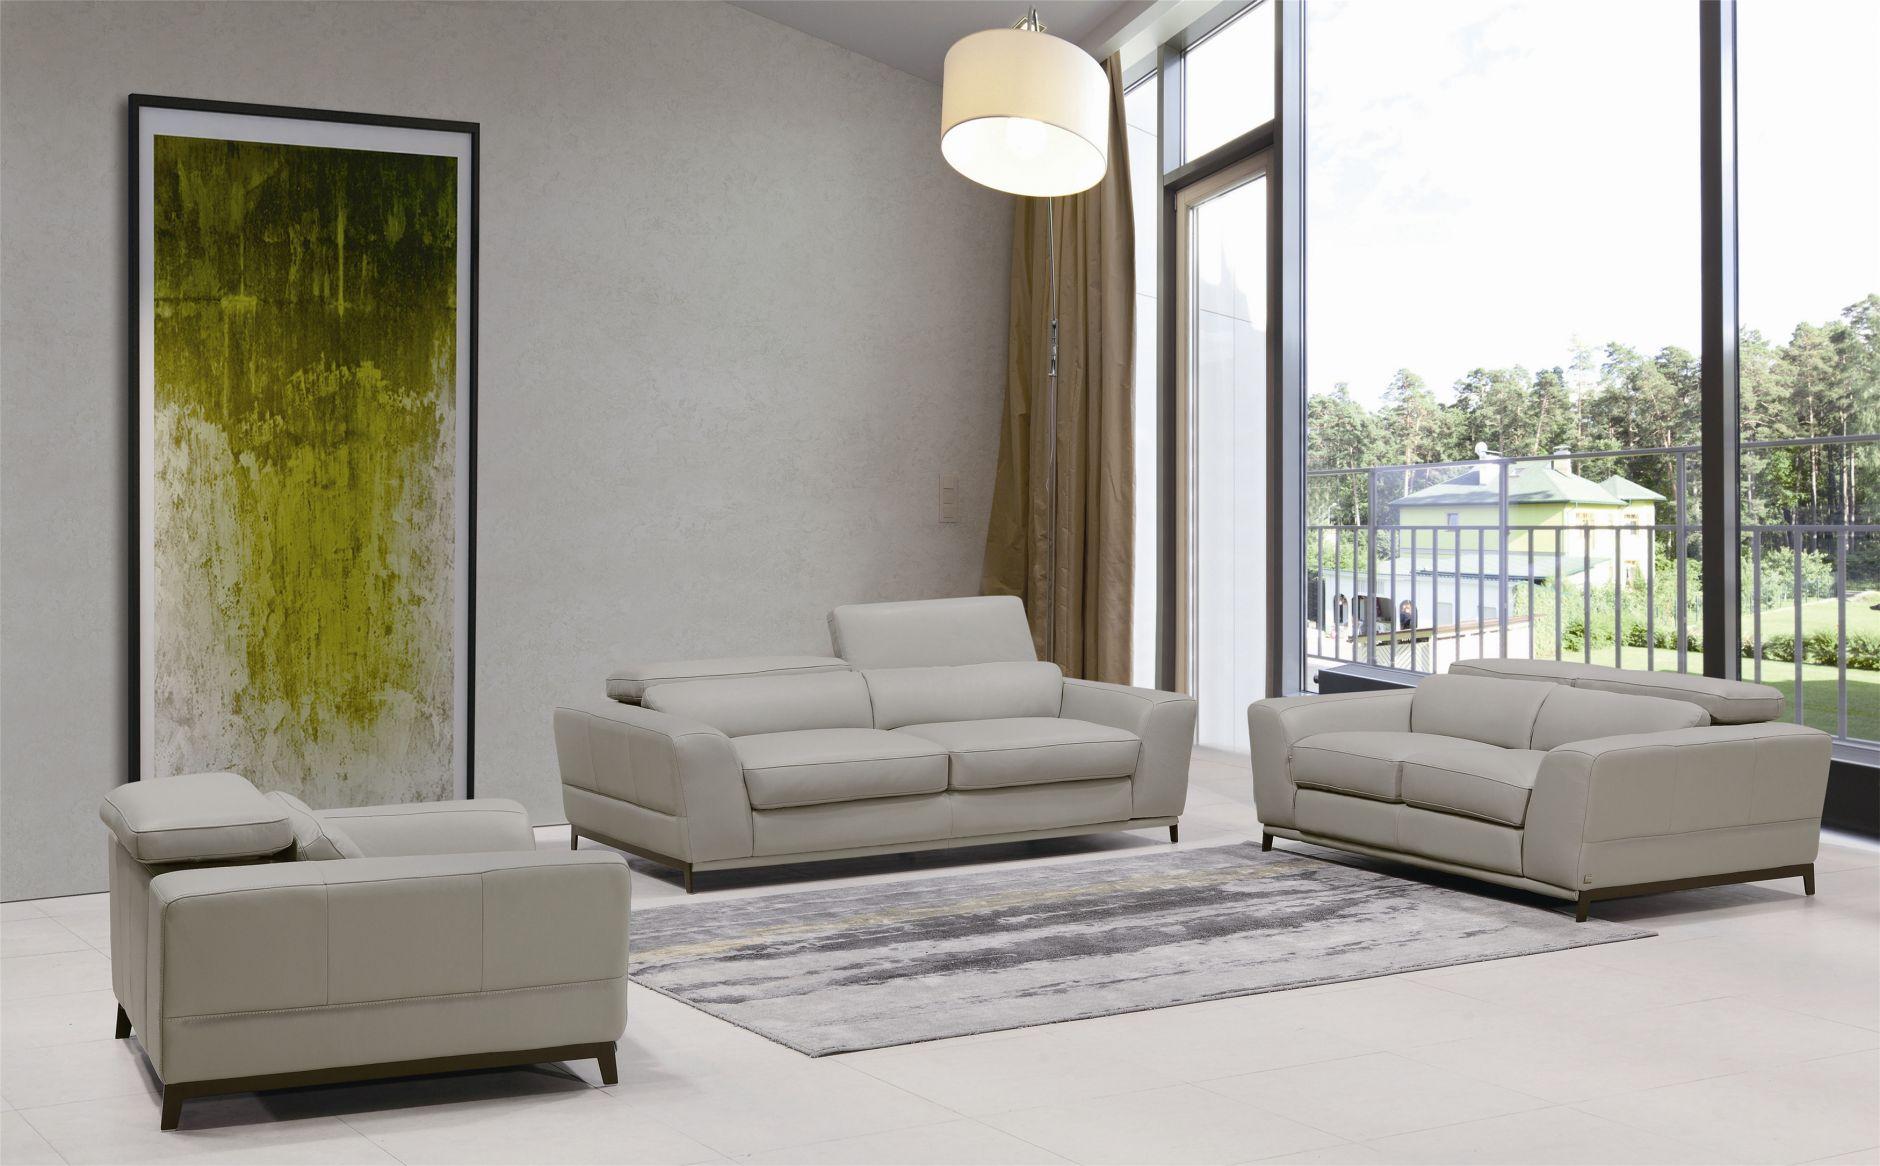 Tapizados de sofas precios beautiful sofa dos plazas sofi for Tapizados sofas precios